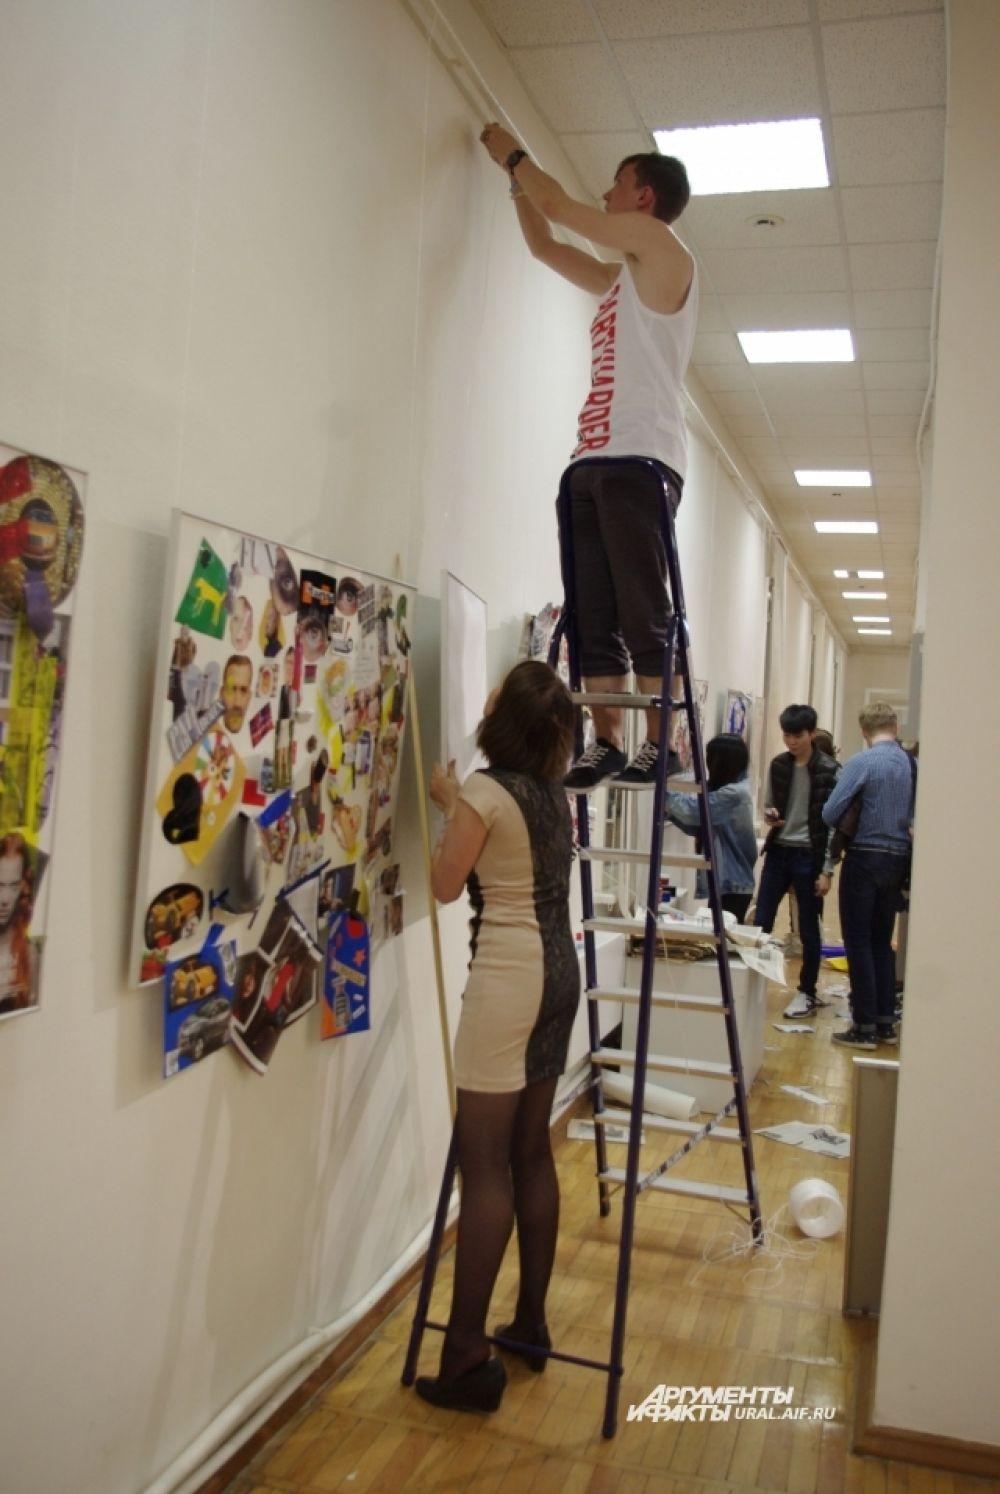 Чистых плакатов не хватало, чтобы вместить в себя всю неуемную тягу к творчеству, которая проснулась в посетителях.